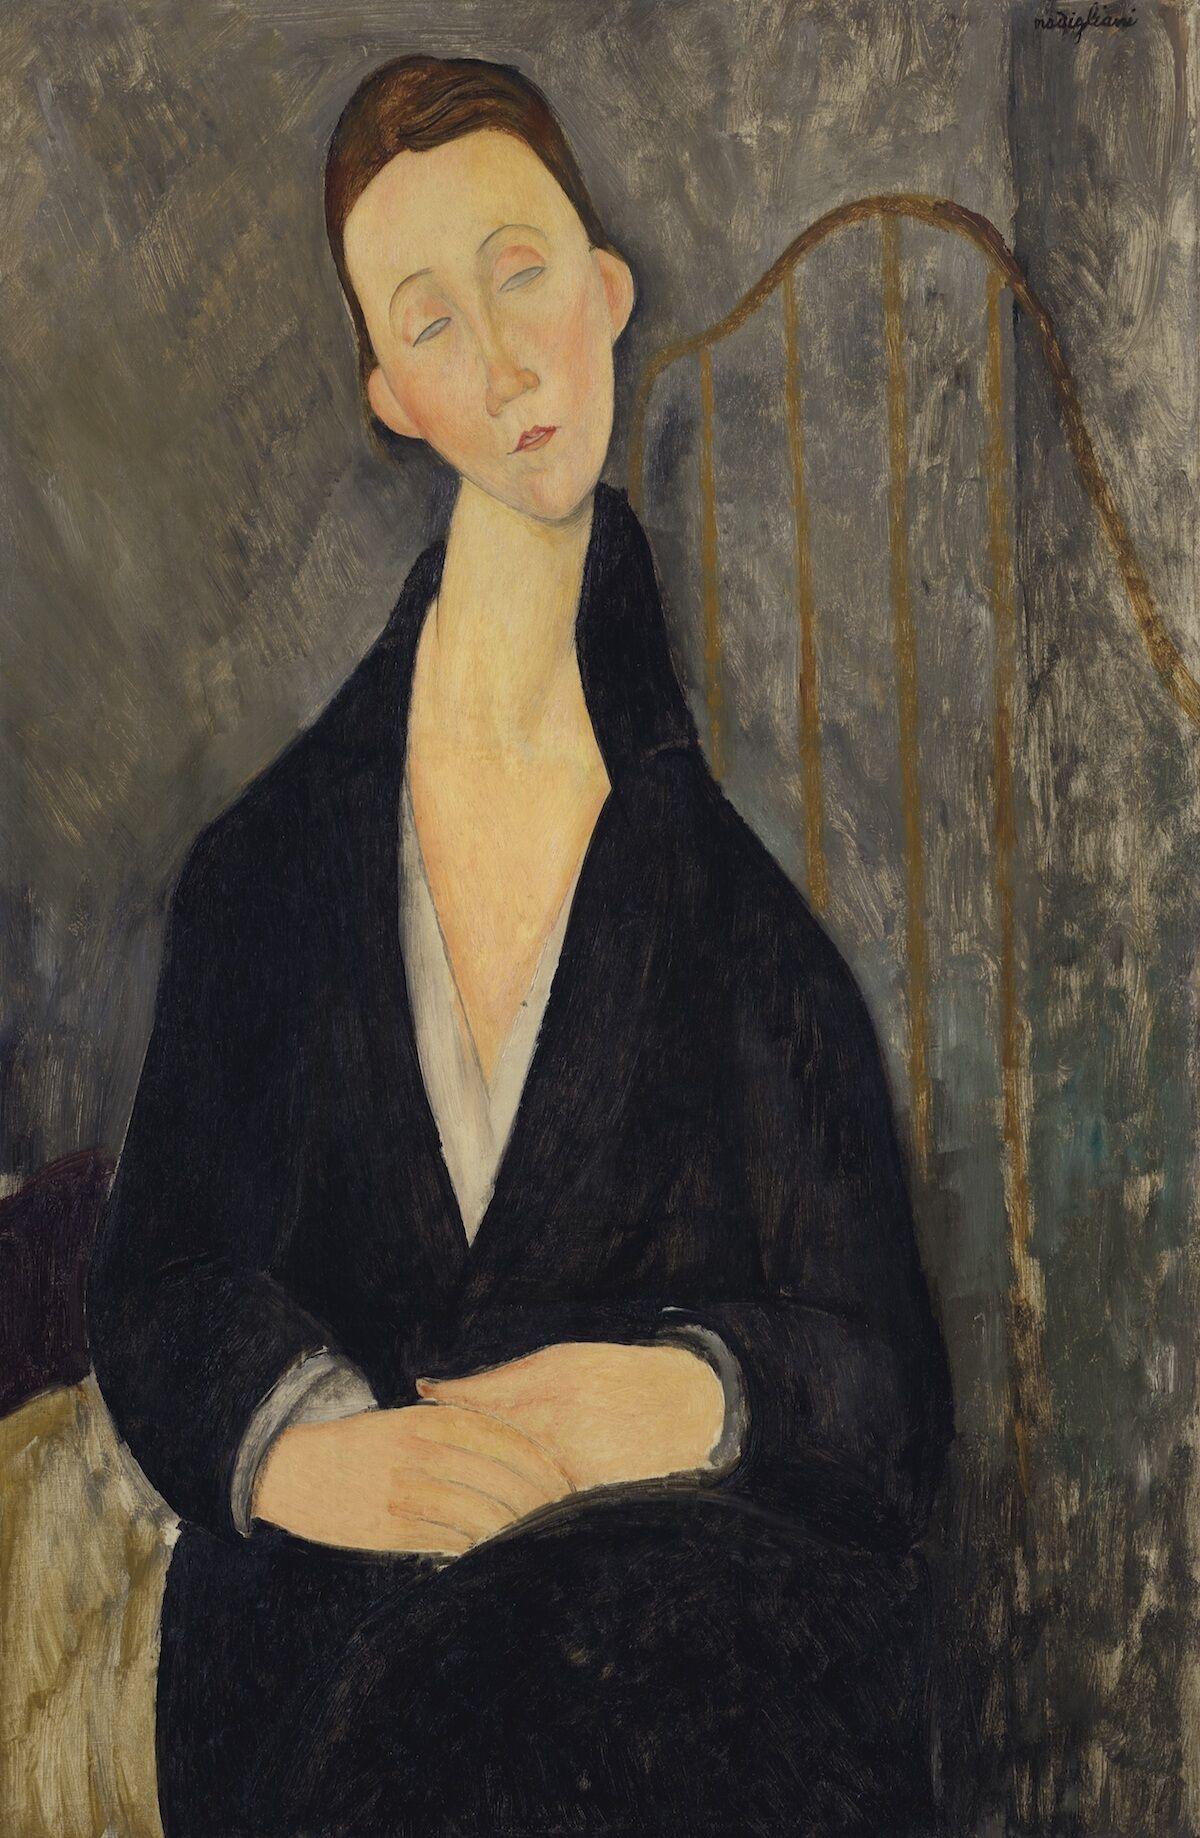 Amedeo Modigliani, Lunia Czechowska (à la robe noire), 1919, oil on canvas. Est. $12 million–$18 million. Courtesy Christie's.